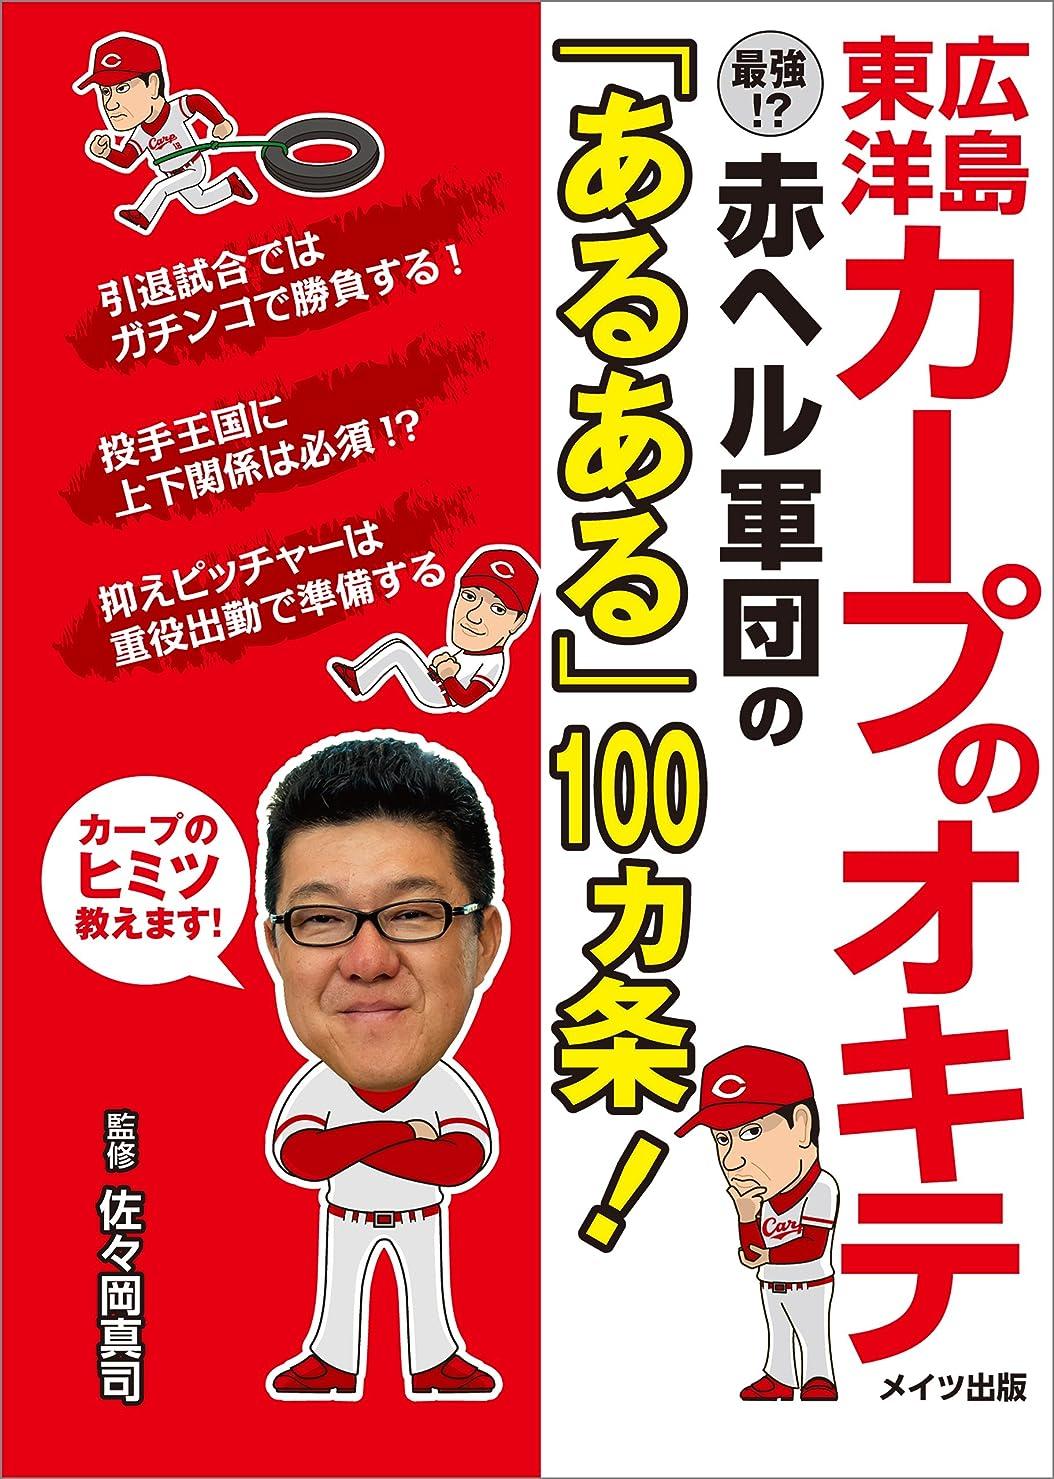 不実摂動腹痛広島東洋カープのオキテ ~最強!?赤ヘル軍団の「あるある」100ヵ条!~